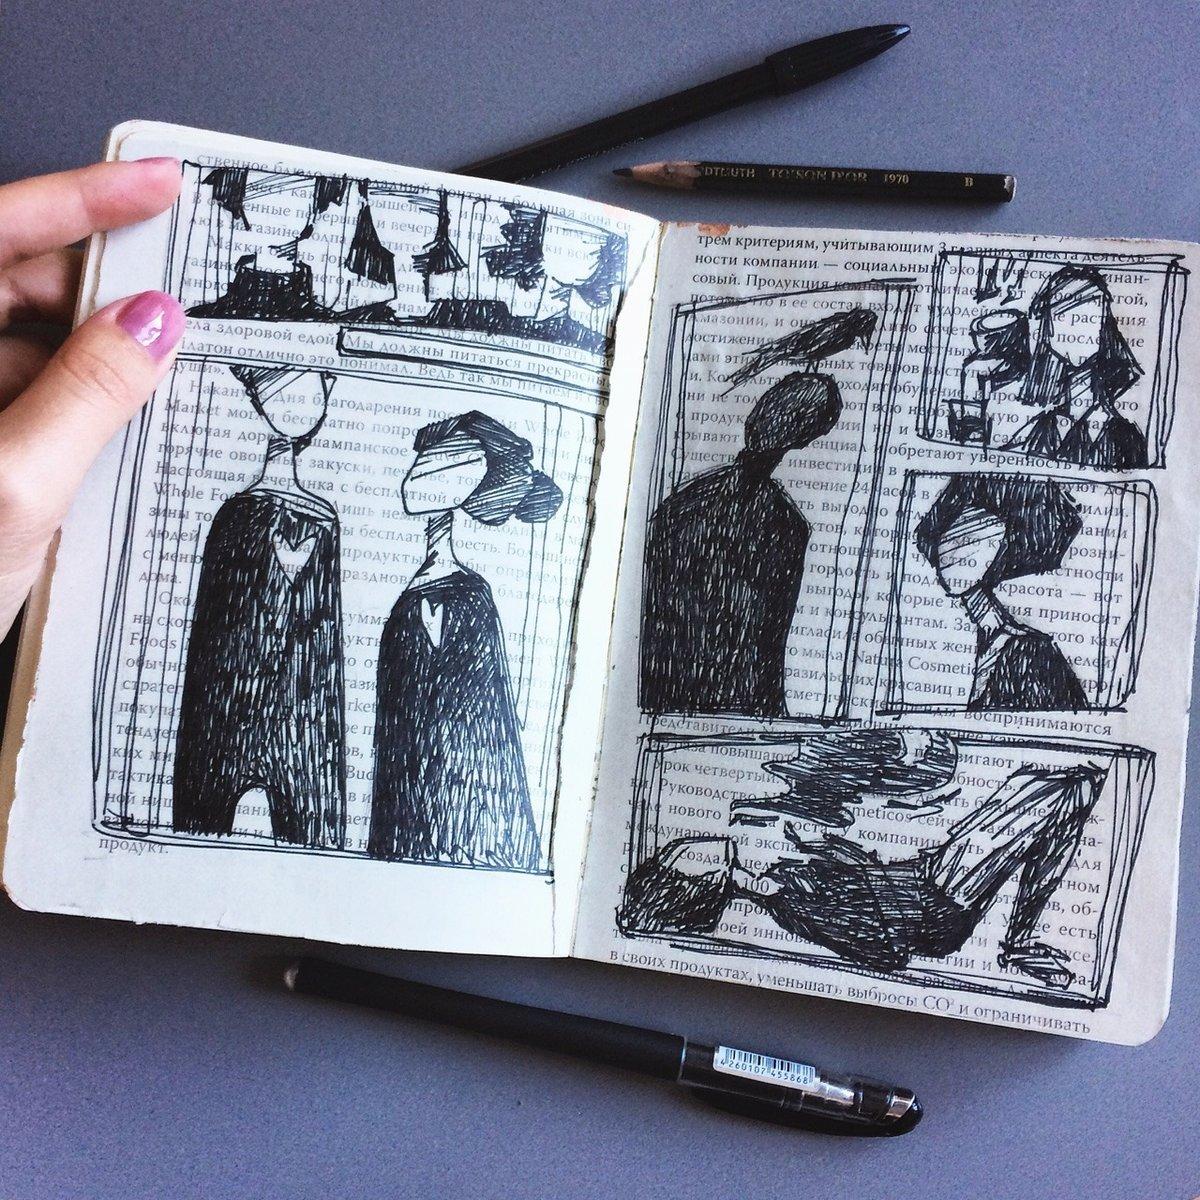 картинки идеи для скетчбука черной ручкой легко объектов продаже